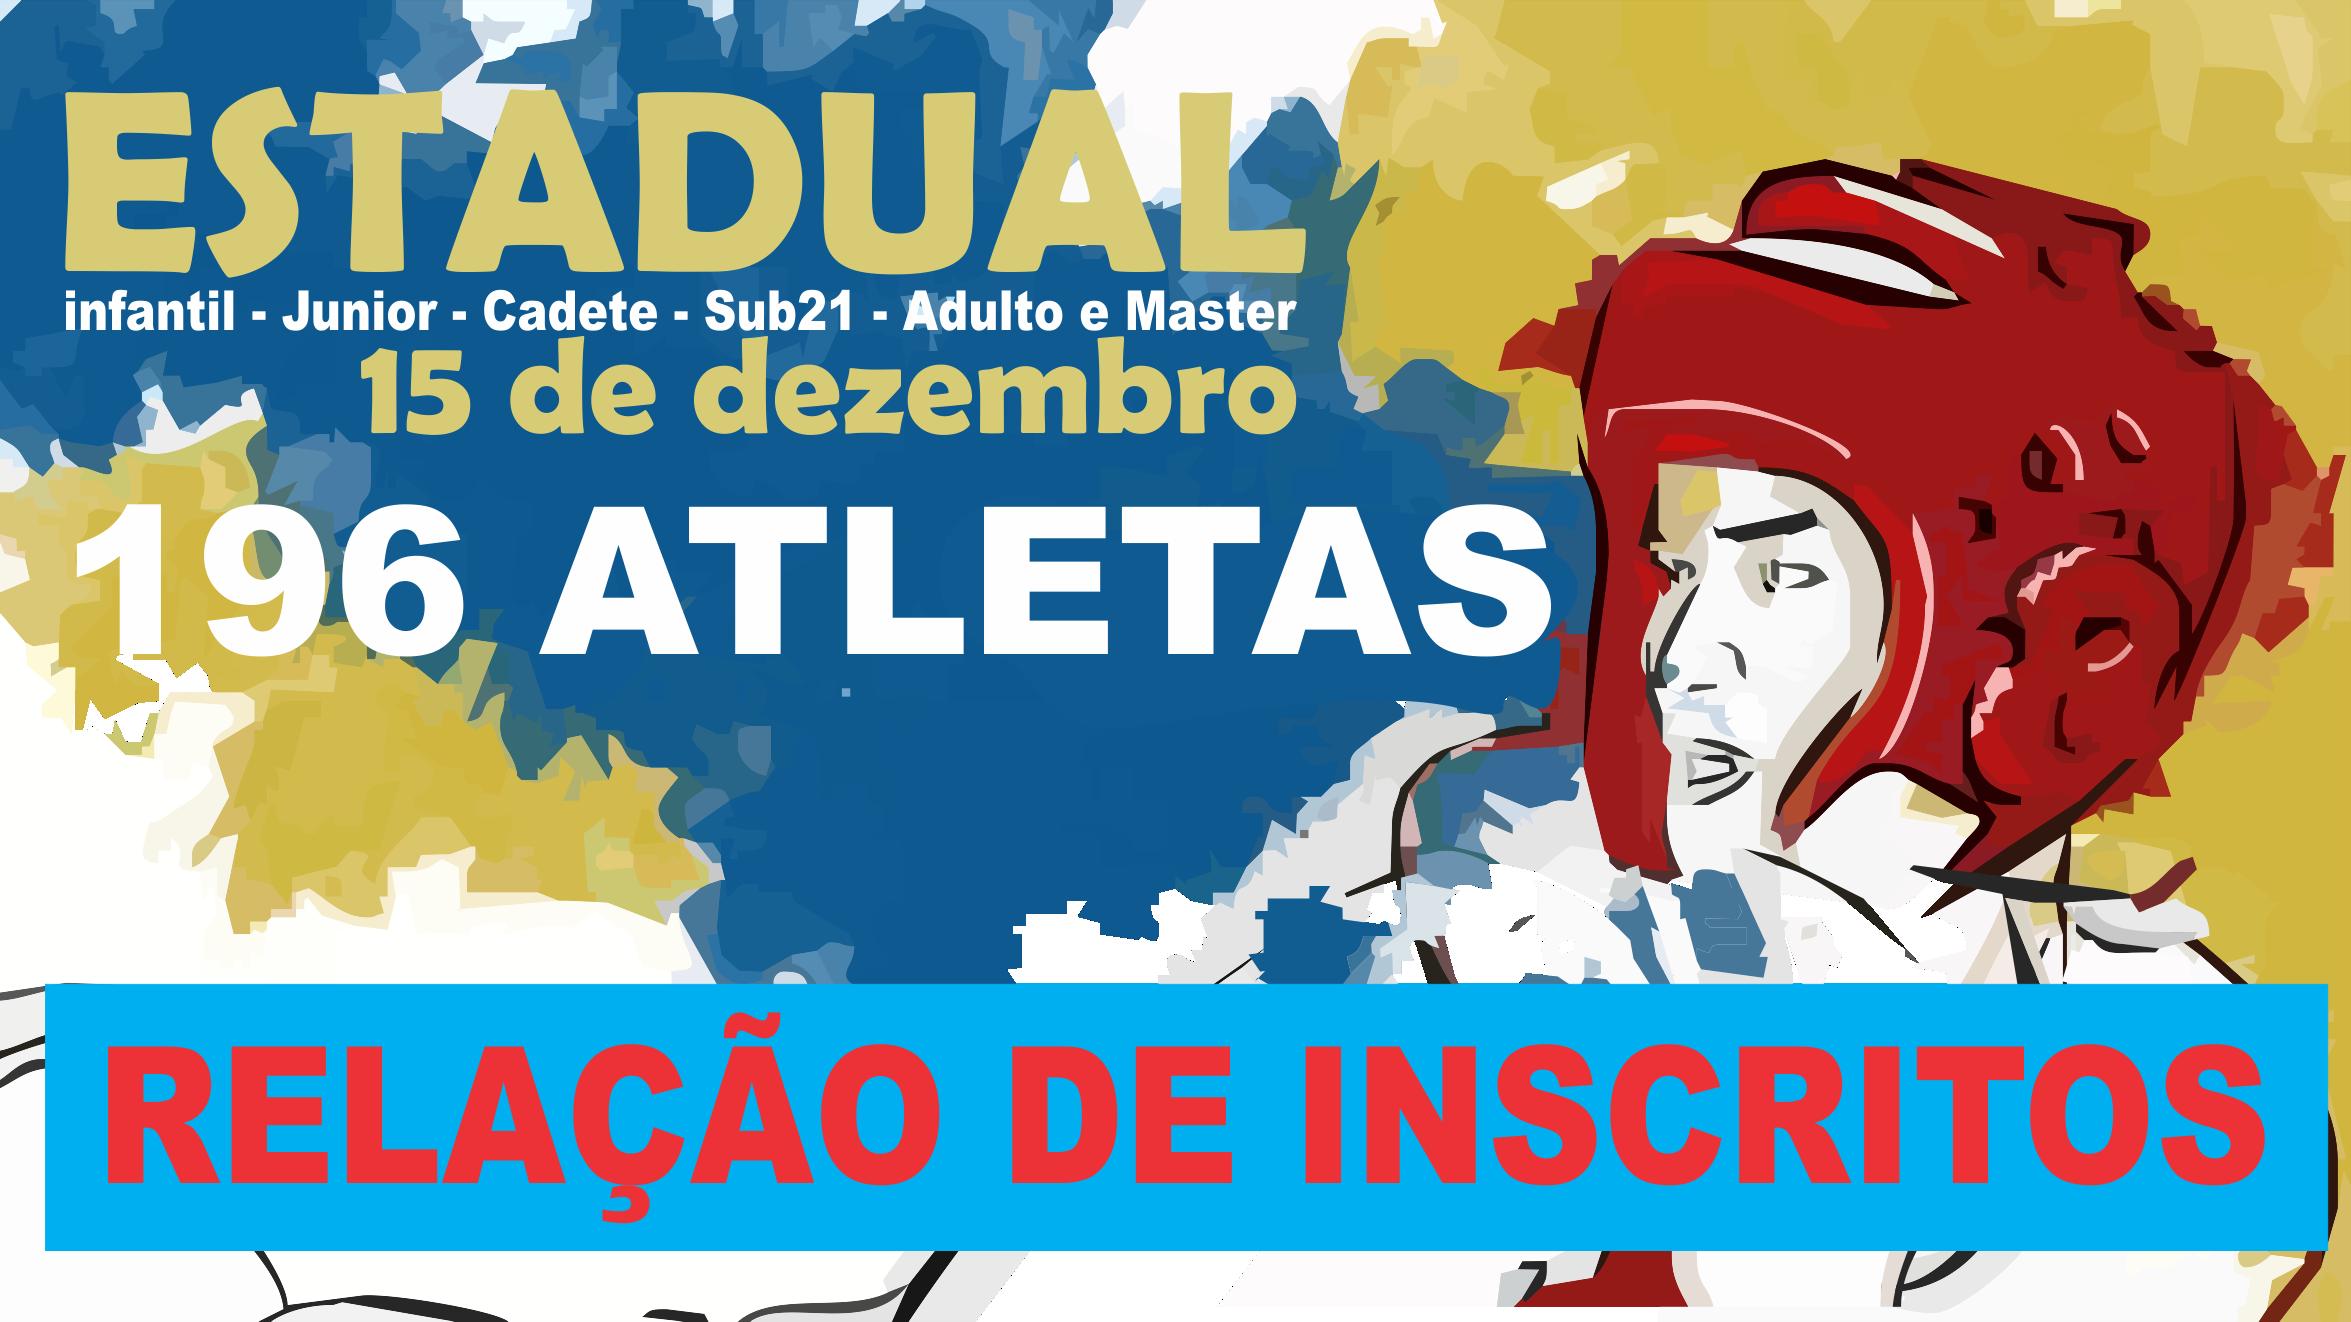 RELAÇÃO DE INSCRITOS PARA O ESTADUAL 2018!